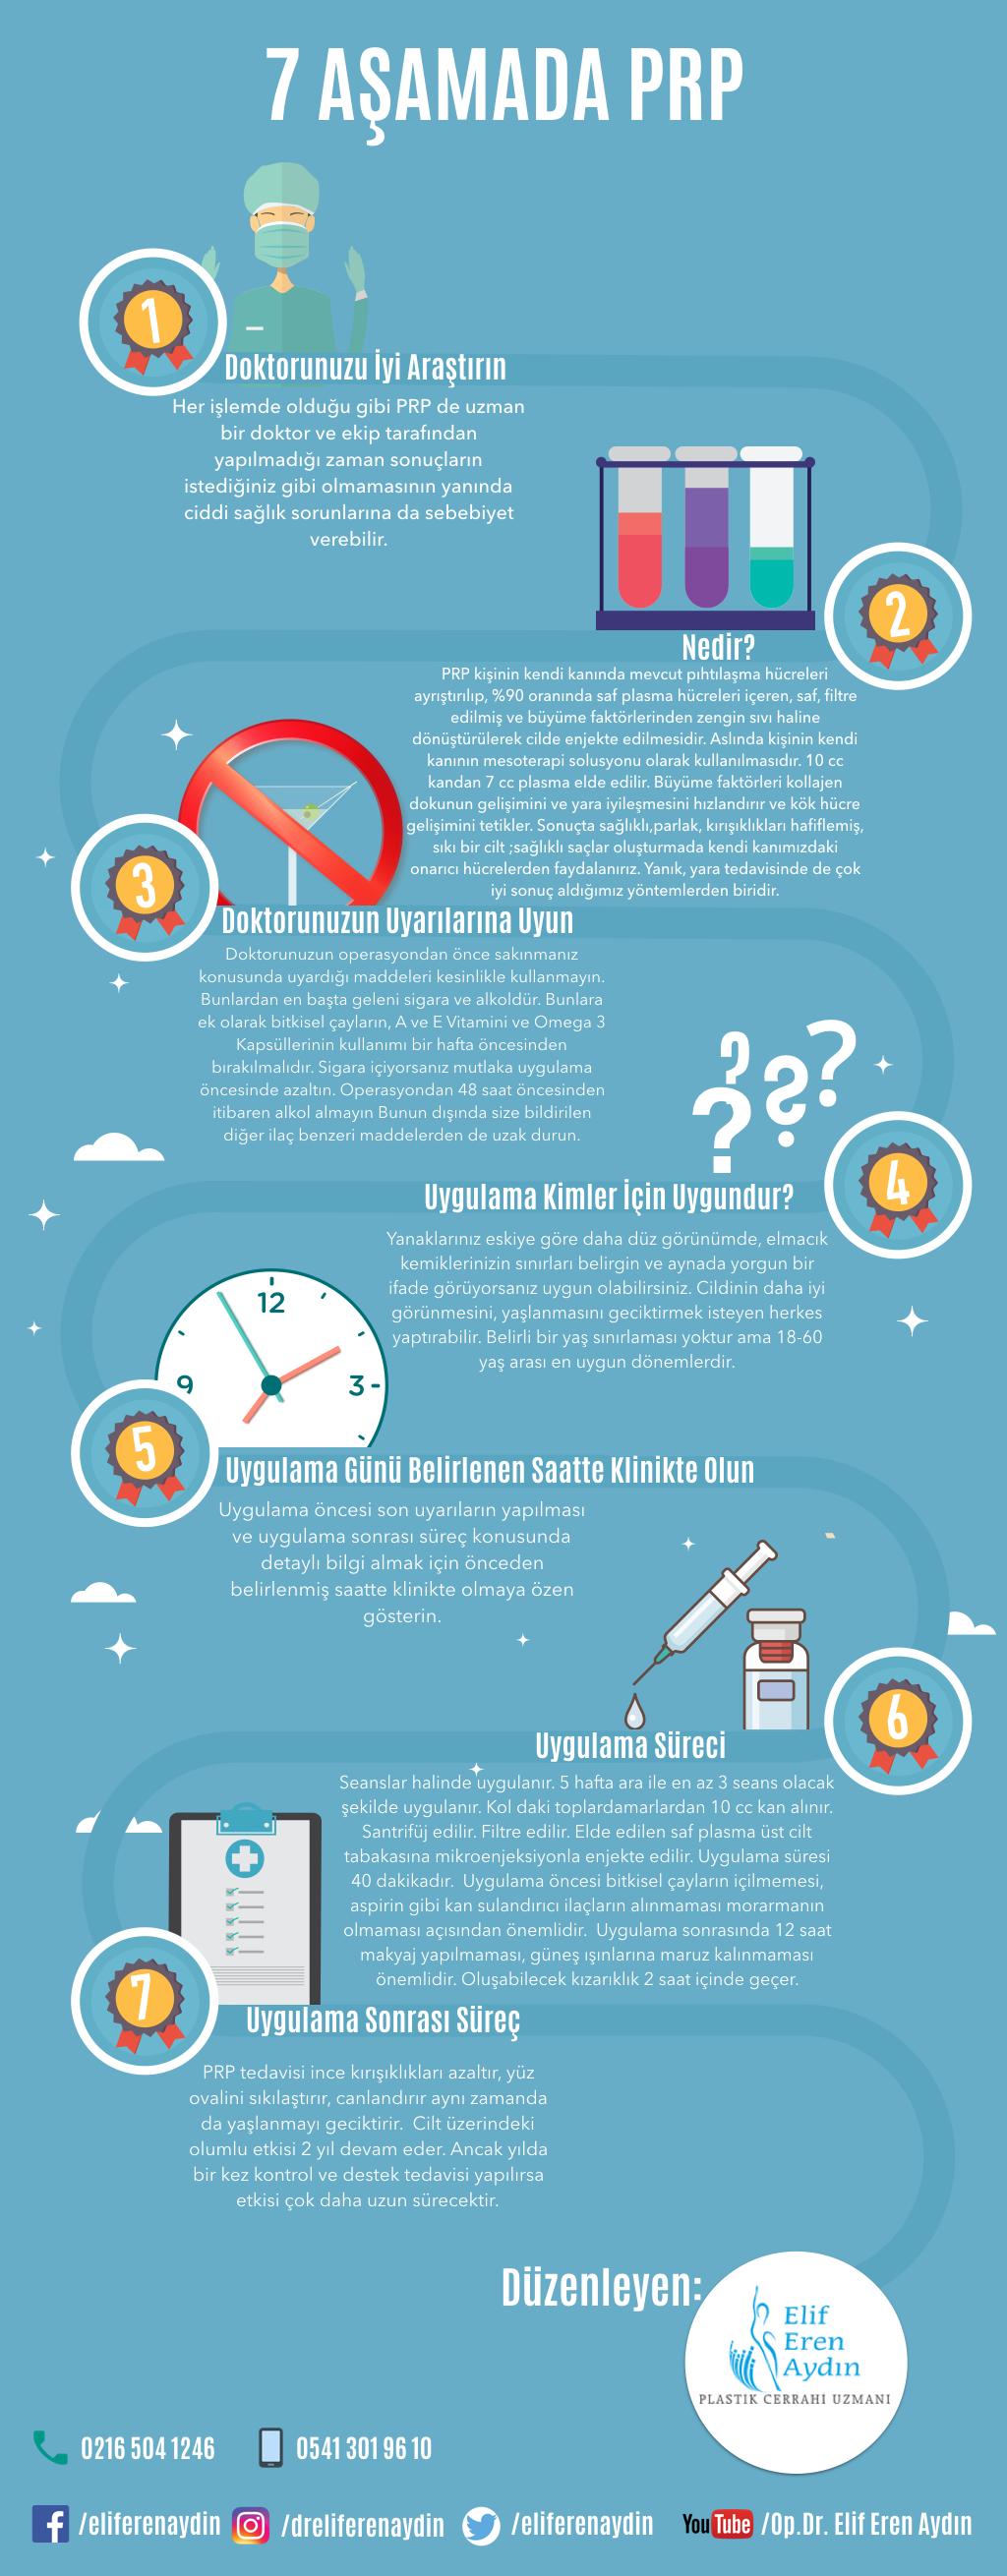 prp infografik